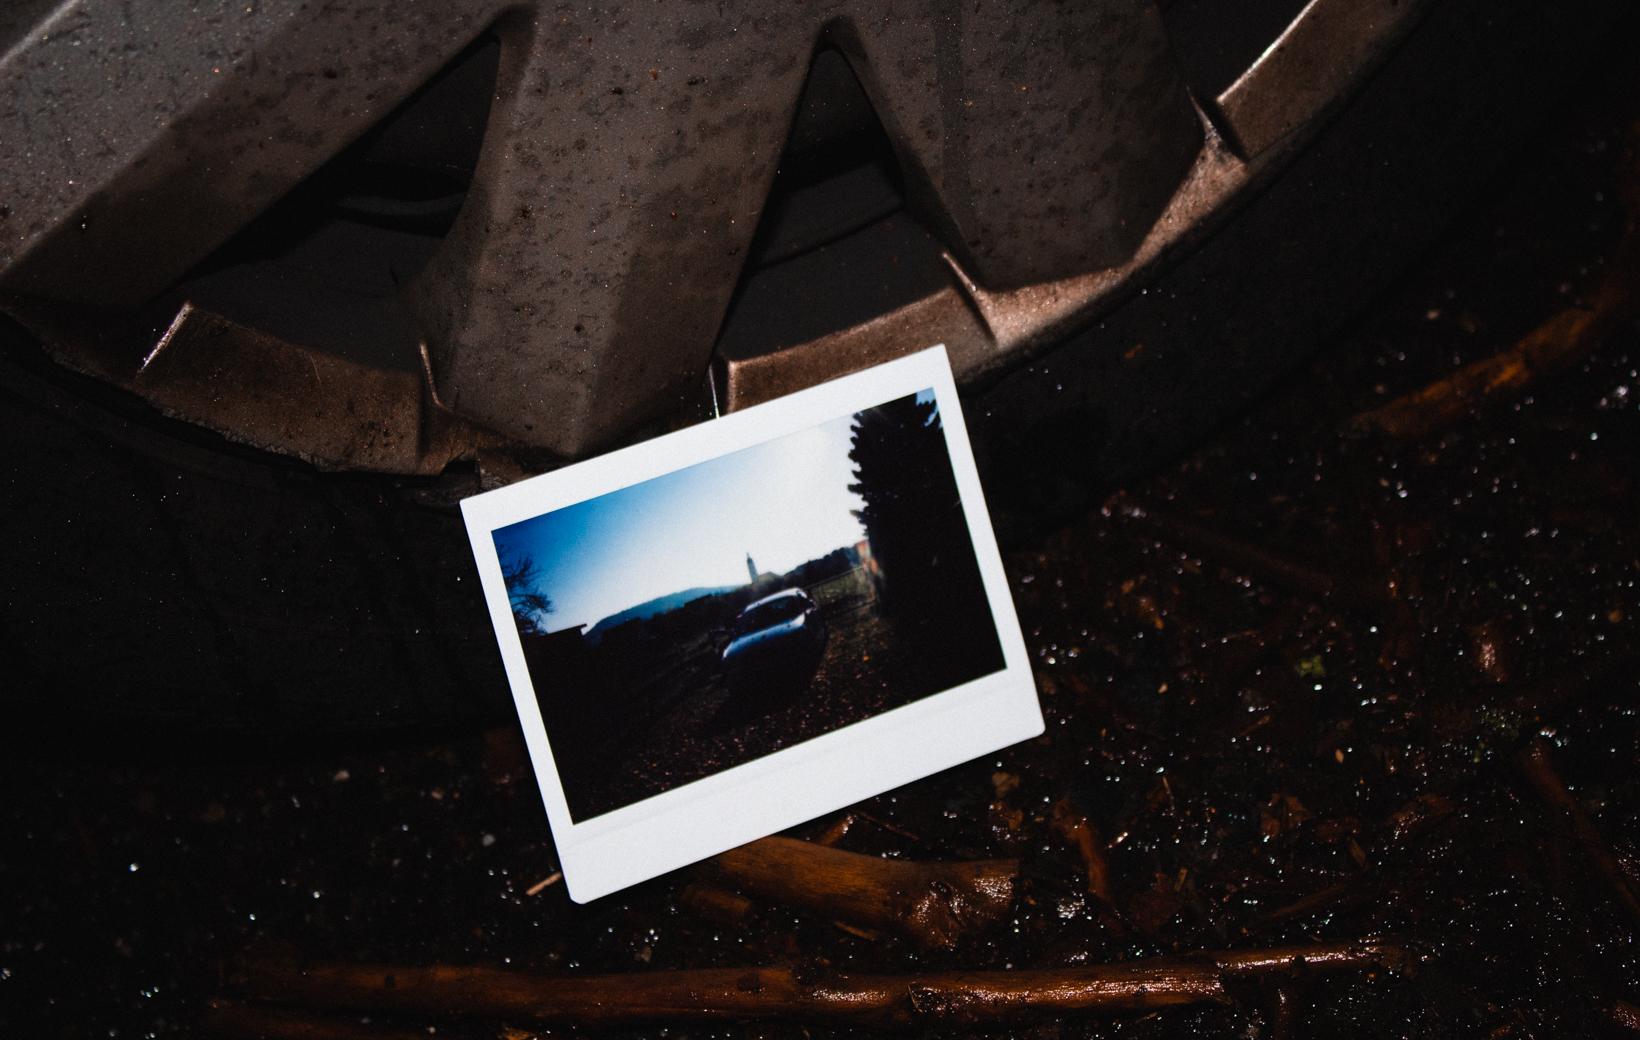 Das Bild zeigt ein Polaroid mit einem Auto